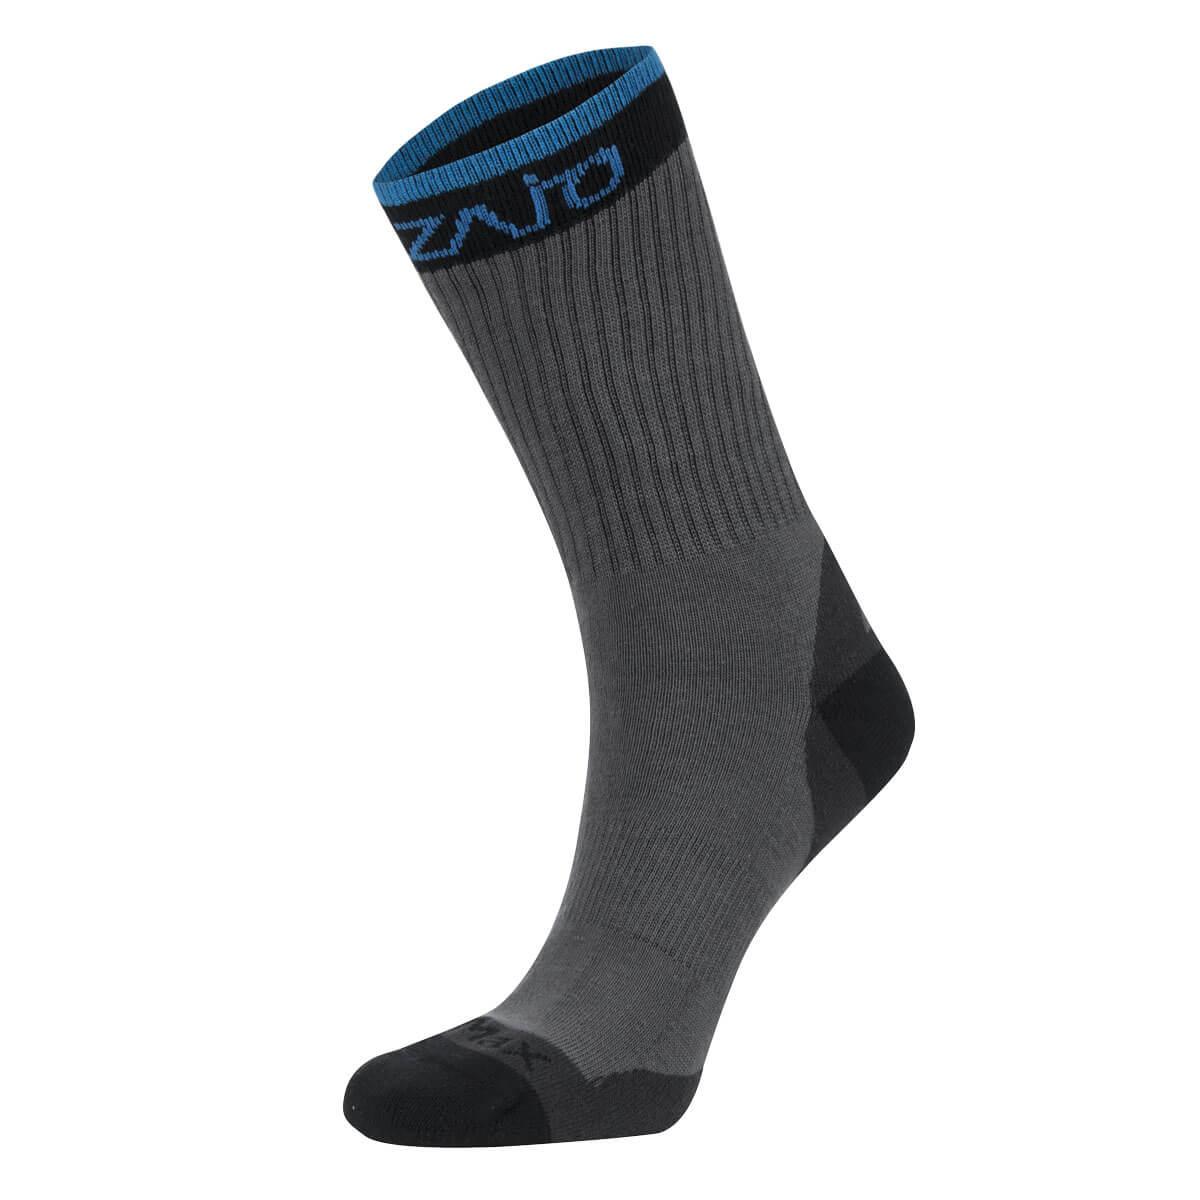 ZAJO Coolmax Socks Lightweight ponožky - veľkosť S